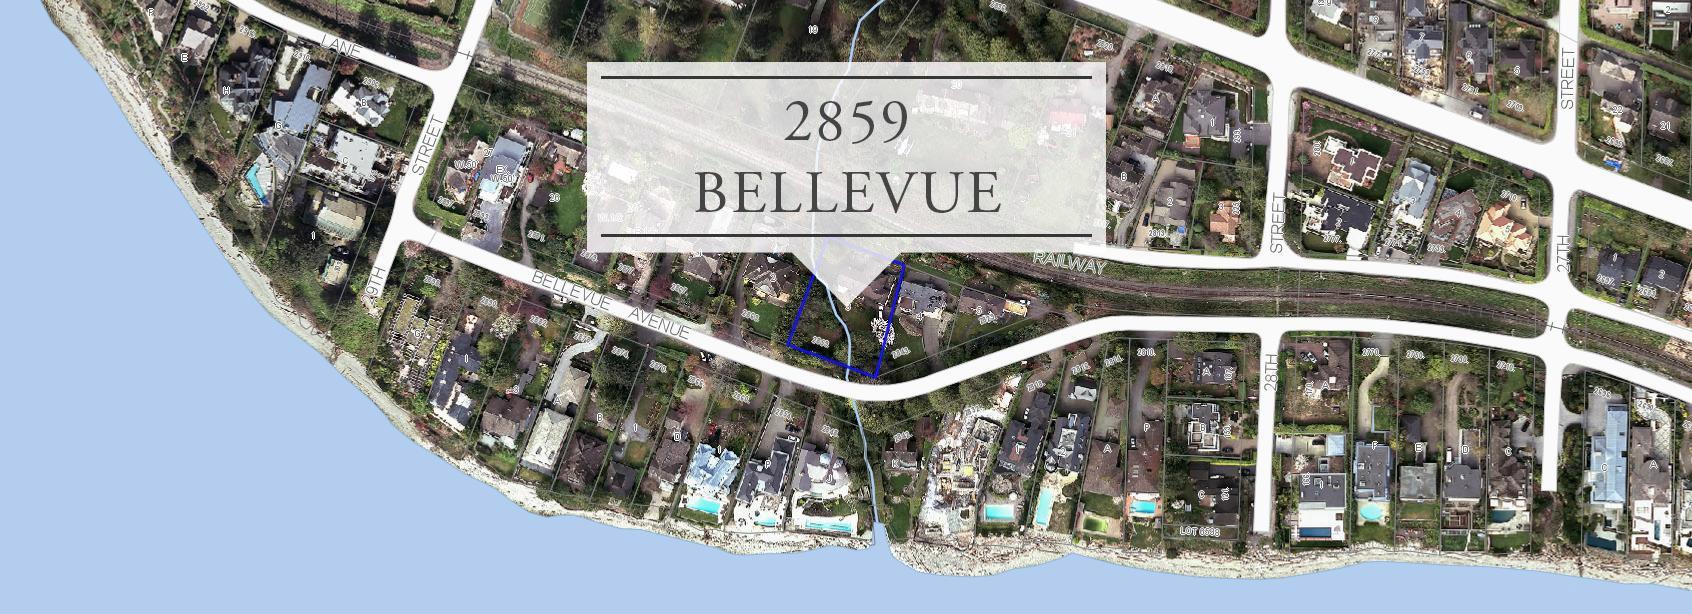 2859 Bellevue Avenue, Altamont, West Vancouver 3